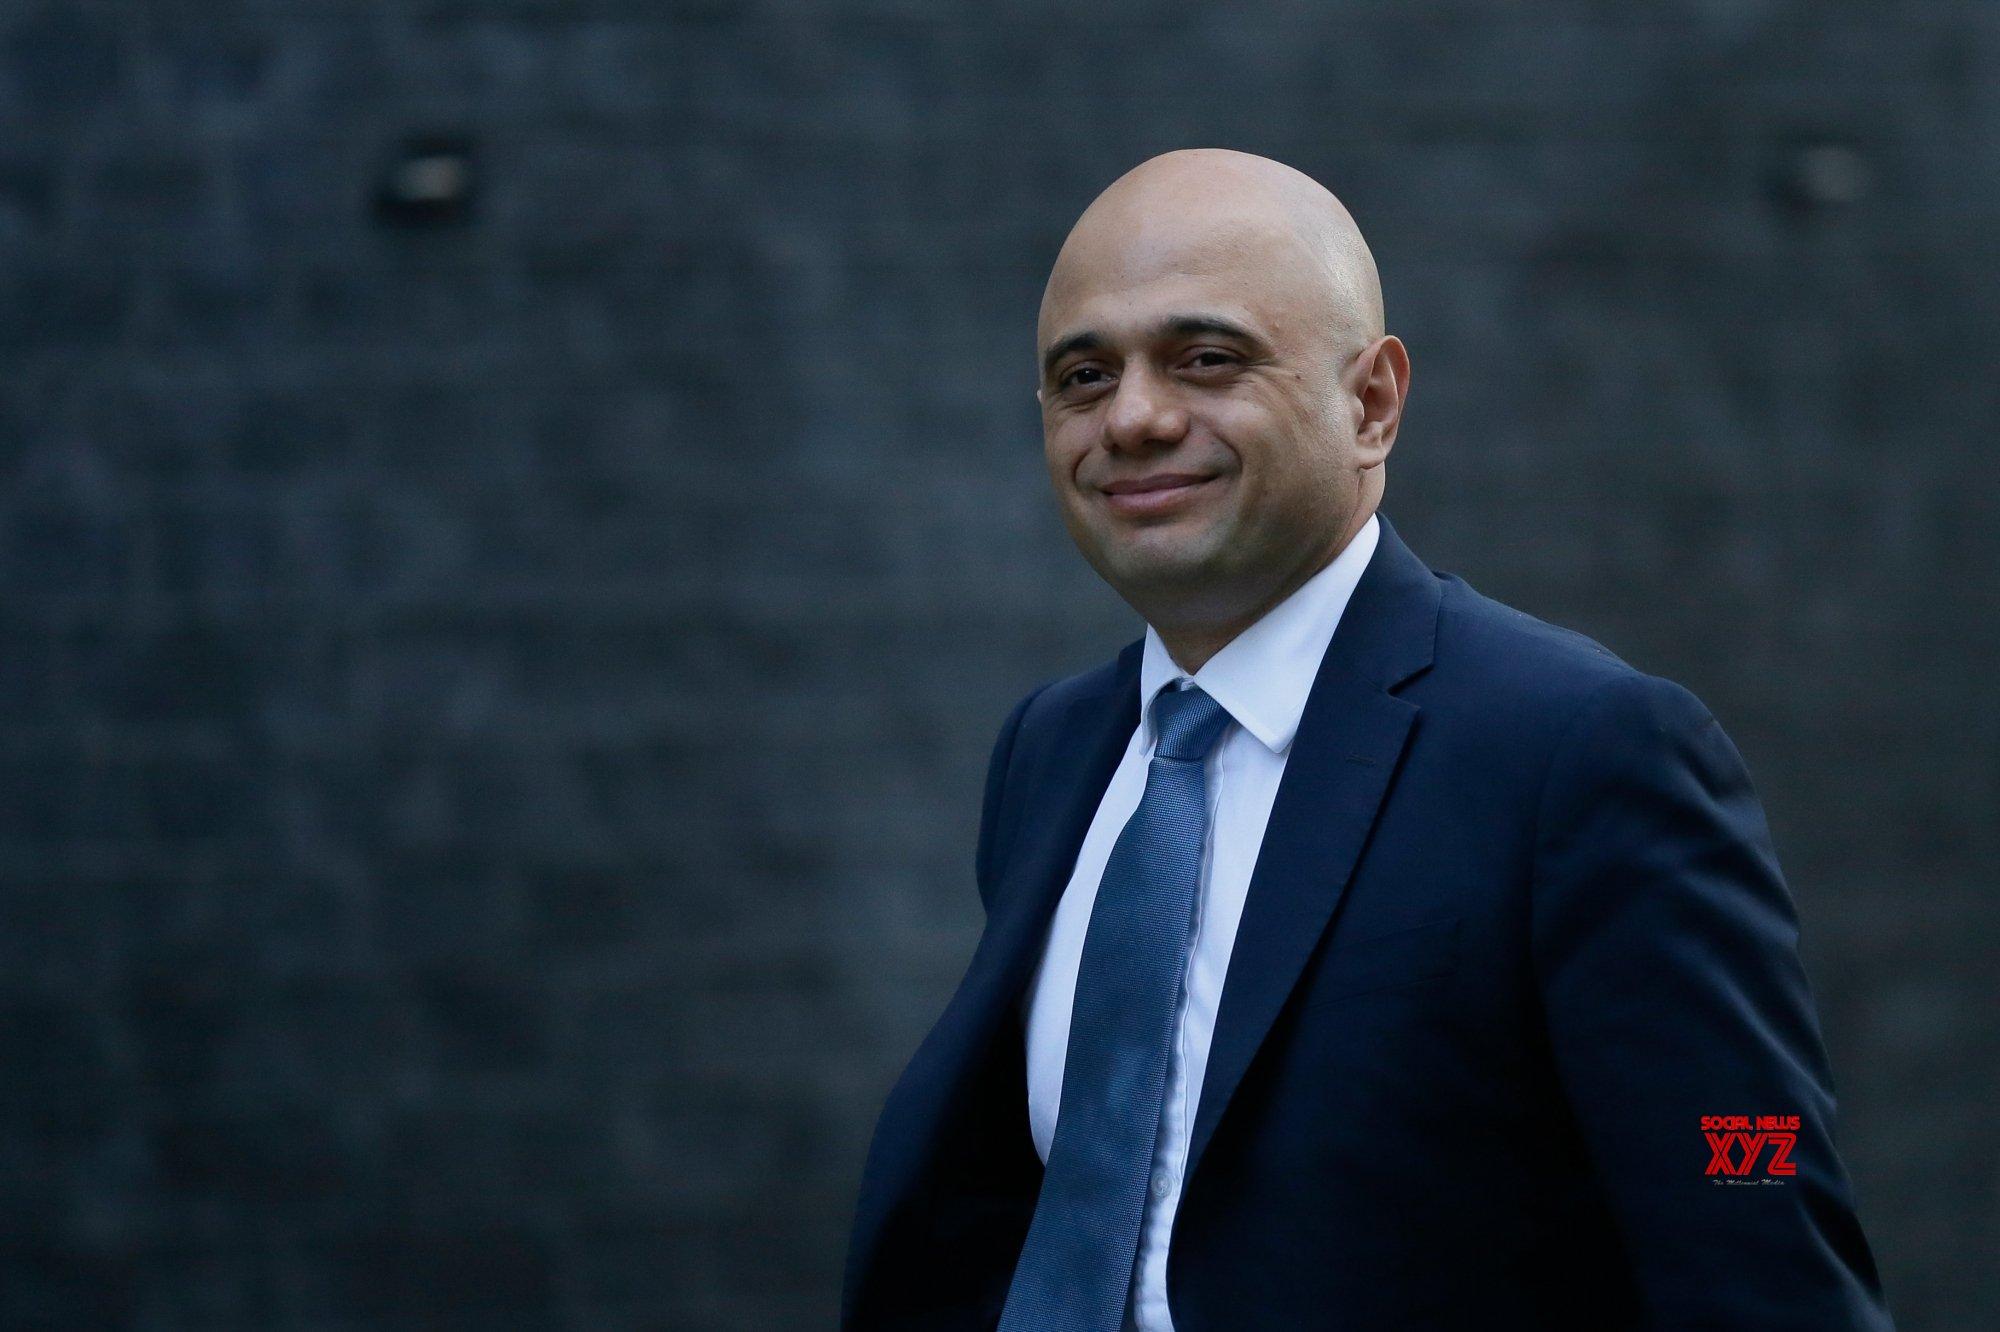 UK parties row over spending plans